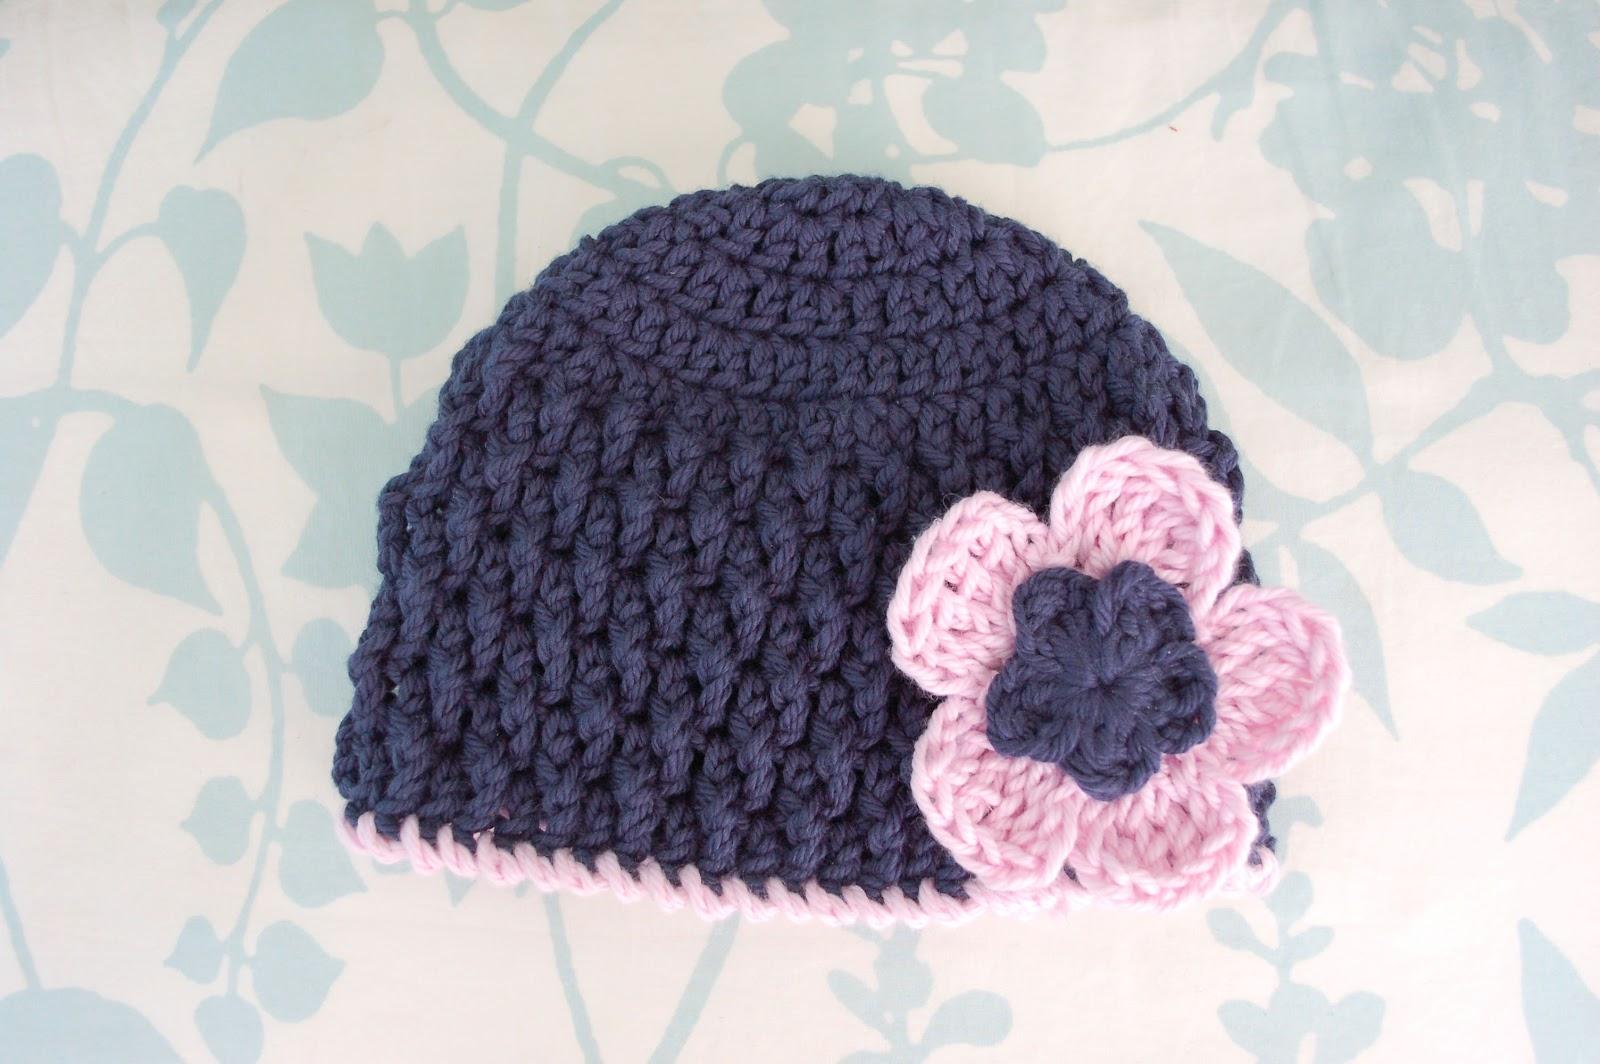 Alli Crafts: Free Pattern: Deeply Textured Hat - 6 Months